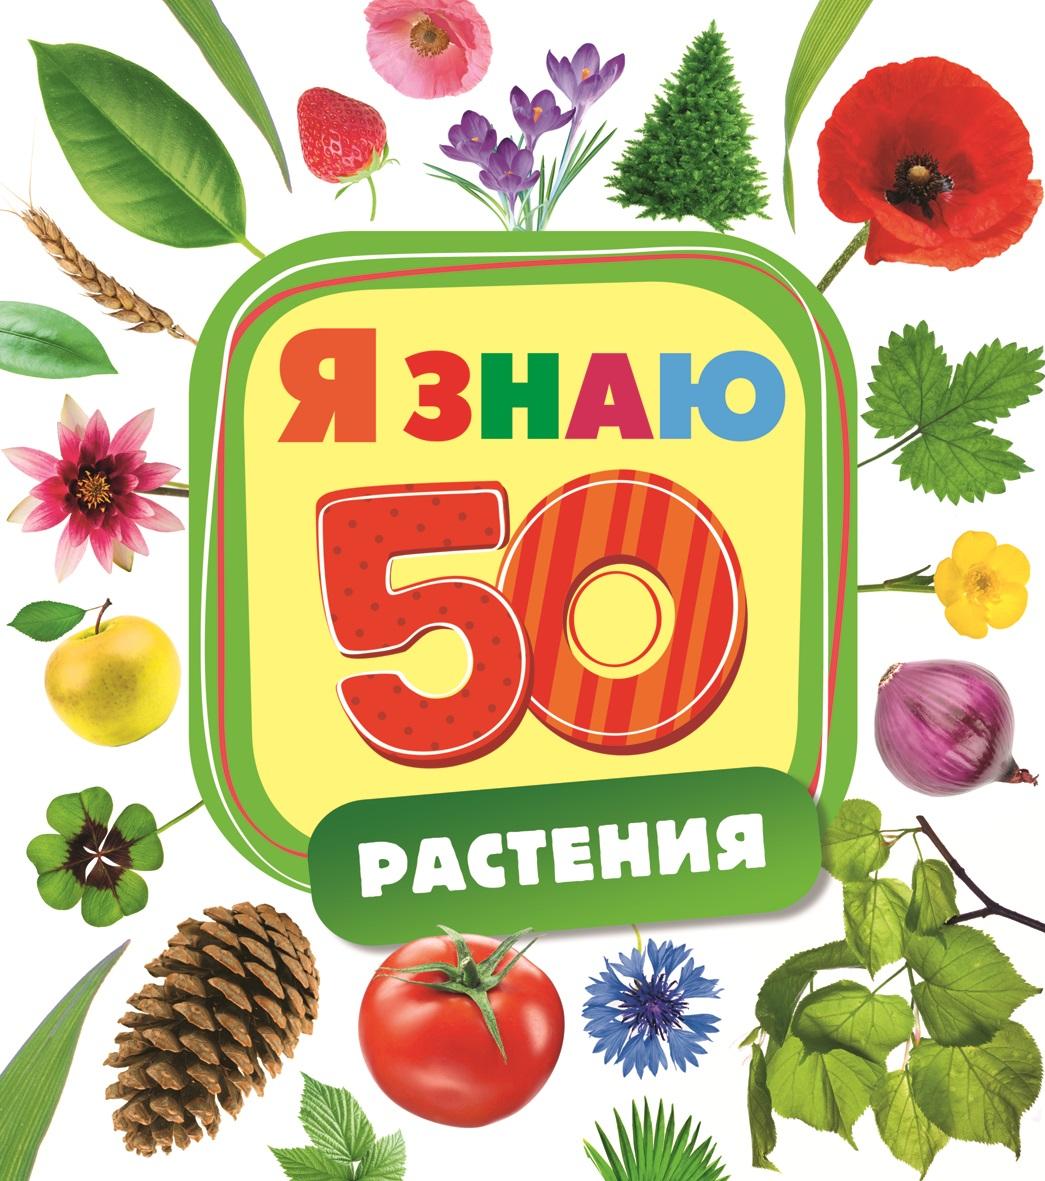 Растения12296407Книга об окружающем мире Растения из серии Я знаю поможет ребенку познакомиться с удивительным миром флоры. Цветы, ягоды, фрукты, овощи и многое другое – 50 самых разнообразных растений в одной книге с красочными фотоиллюстрациями. Книга большого формата на картоне содержит 10 стр. Хотите, чтобы ваш малыш поражал всех эрудицией? Книги серии Я знаю помогут вашему ребенку стать лидером на детской площадке и звездой на празднике в детском саду. Книги серии разработаны специалистами по раннему развитию с учетом возрастных особенностей детей. Они помогают освоить все самые популярные для раннего развития темы: от растений до загадок. Развивающие книги серии тренируют и улучшают память, расширяют кругозор, увеличивают словарный запас ребенка.